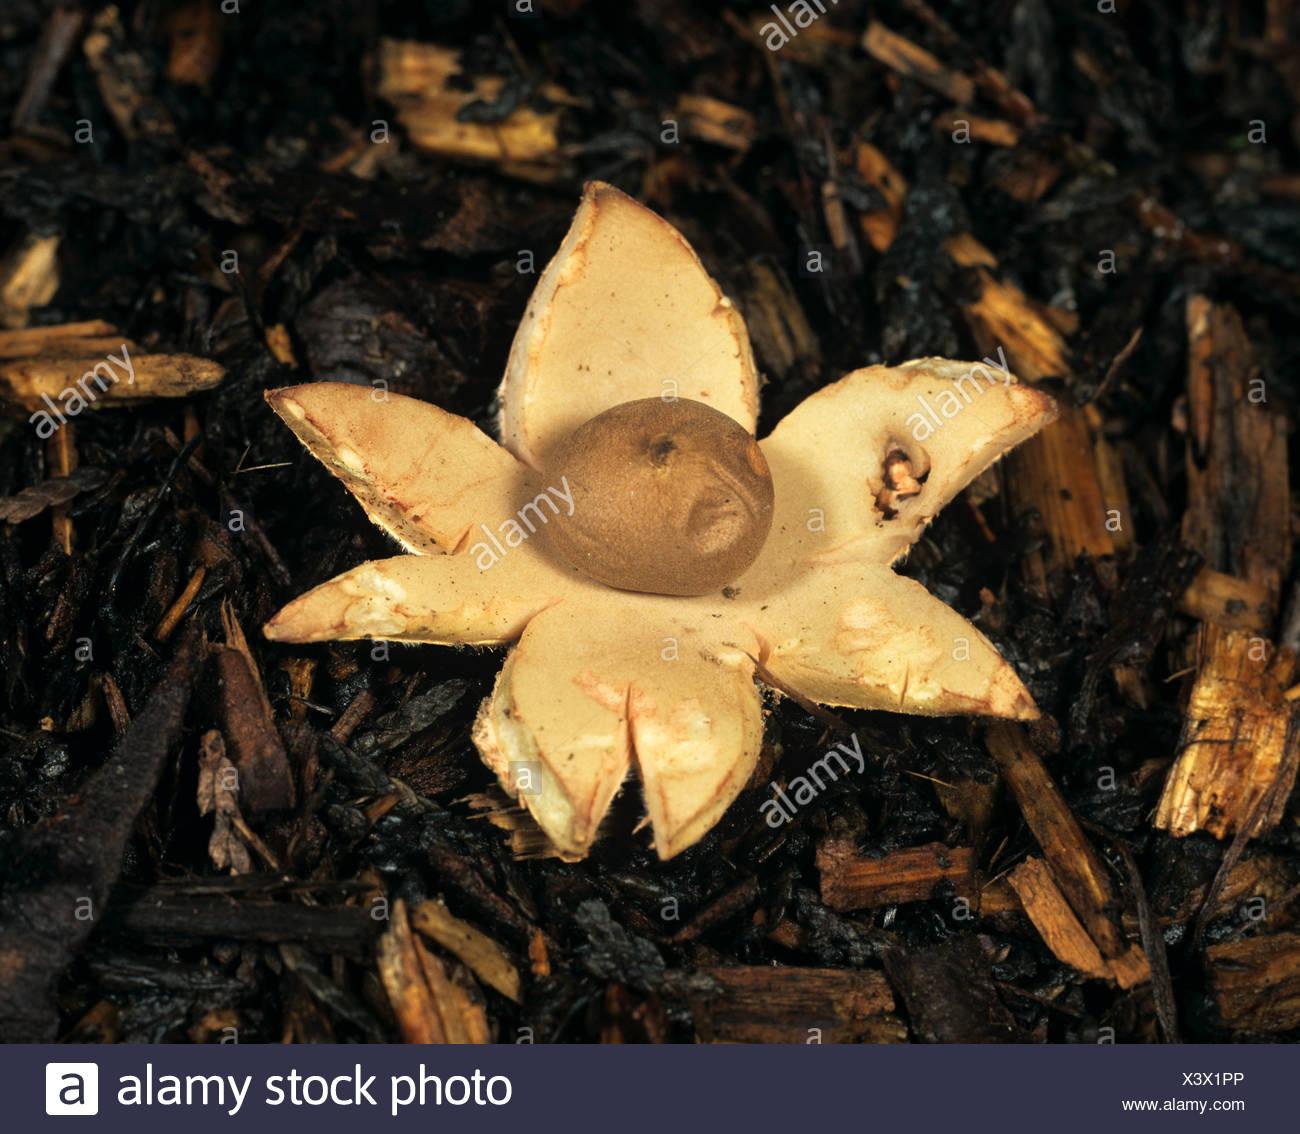 Earth star (Geastrum rufescens) fruit on soil - Stock Image